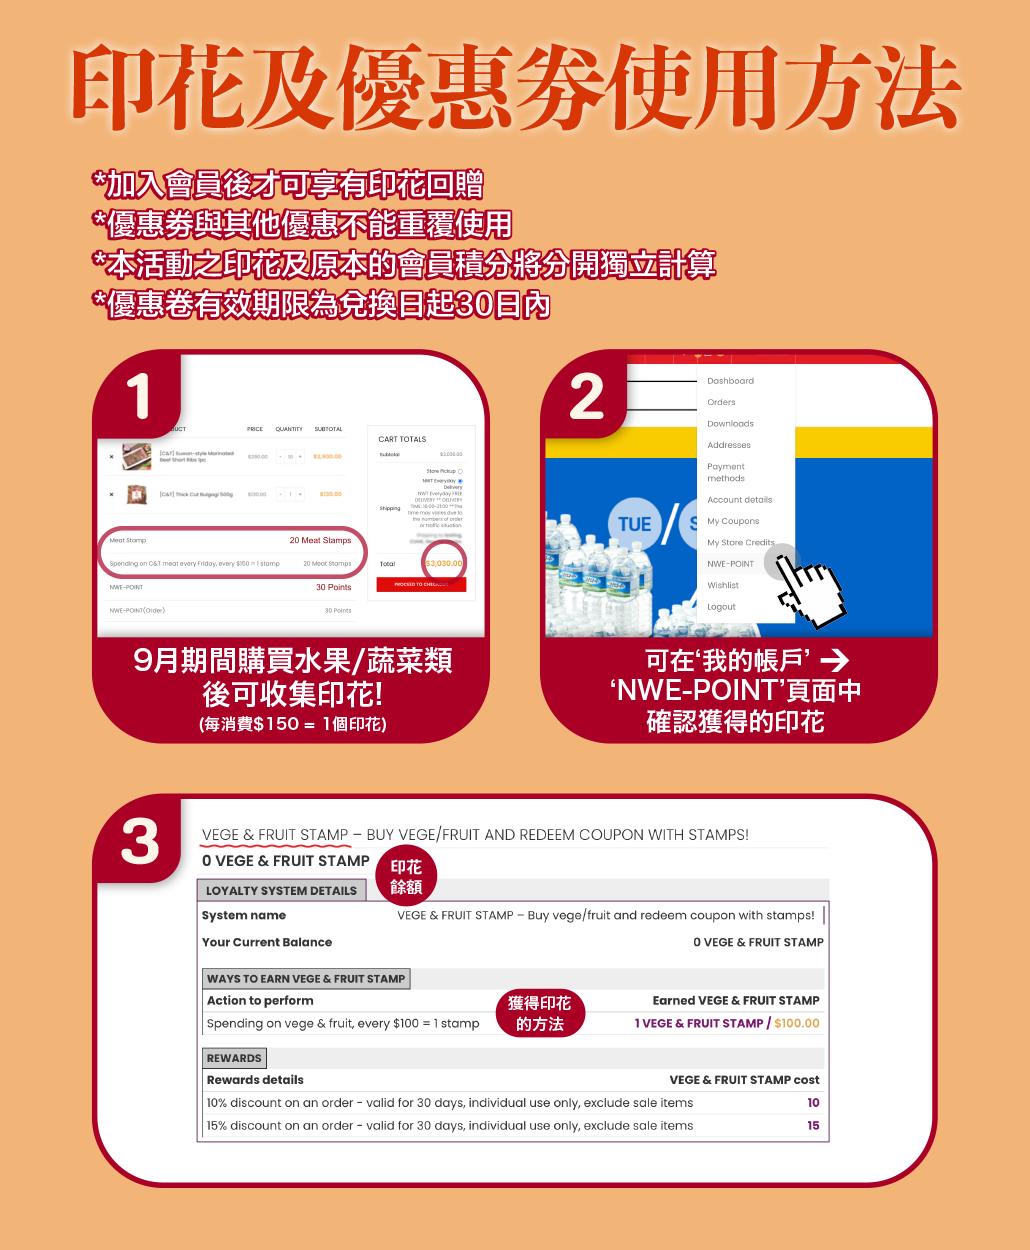 韓國食品-豐盛的秋天 – 凡購買水果/蔬菜產品 即可獲贈印花以兌換優惠劵!